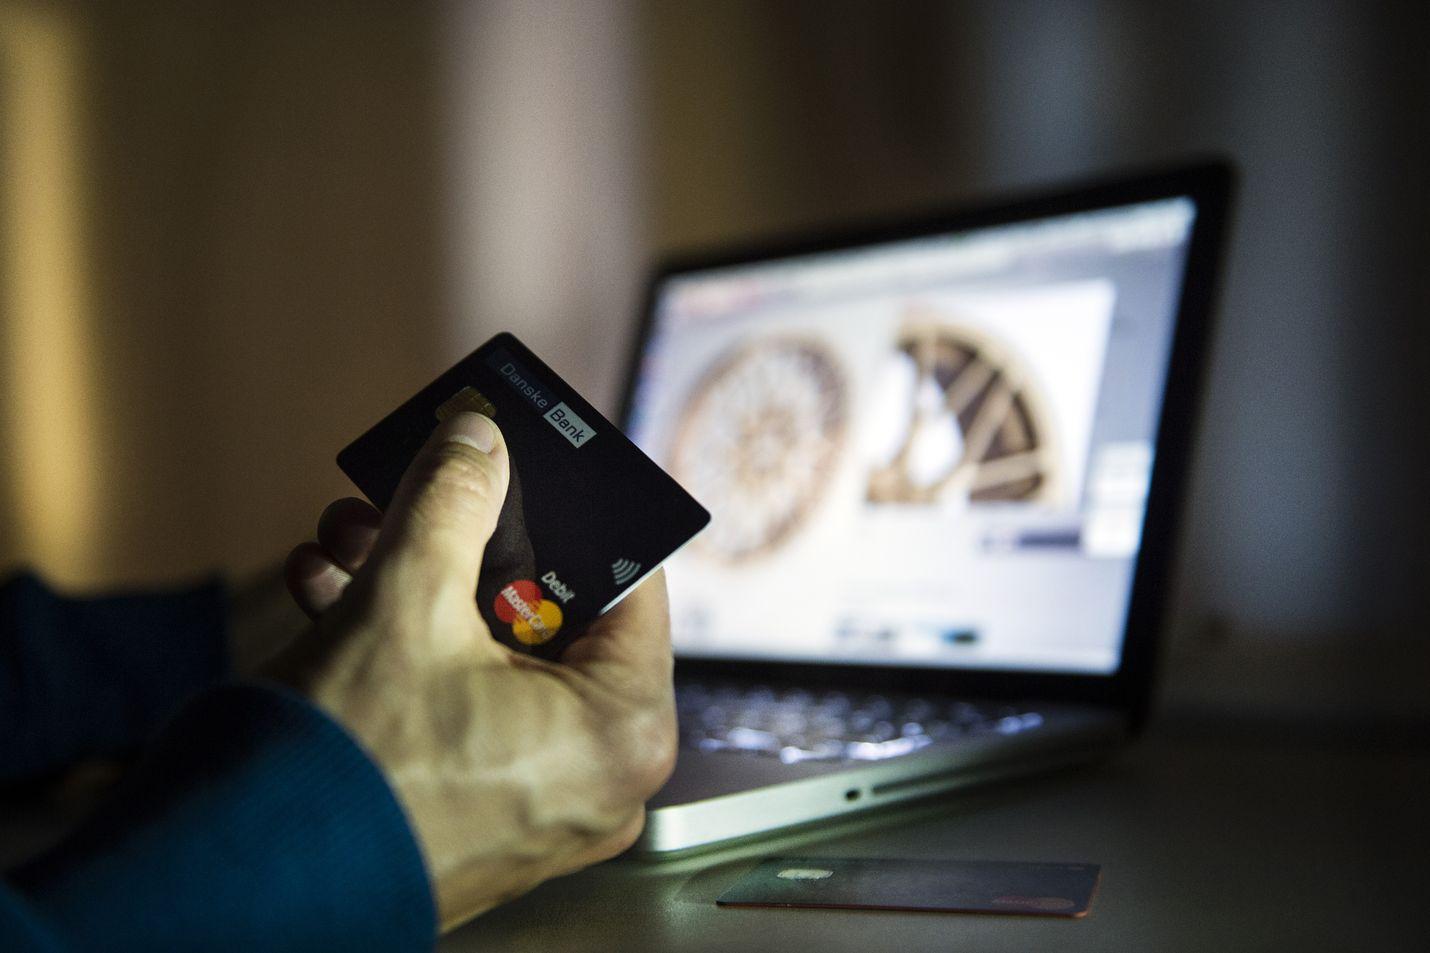 Kohtuuttoman kalliit kulutusluottokustannukset on mahdollista viedä myös kuluttajariitalautakuntaan. Jos taas luotonantaja on vienyt saatavia käräjäoikeuteen, yksittäinen kuluttajakin voi vaatia sovittelua.